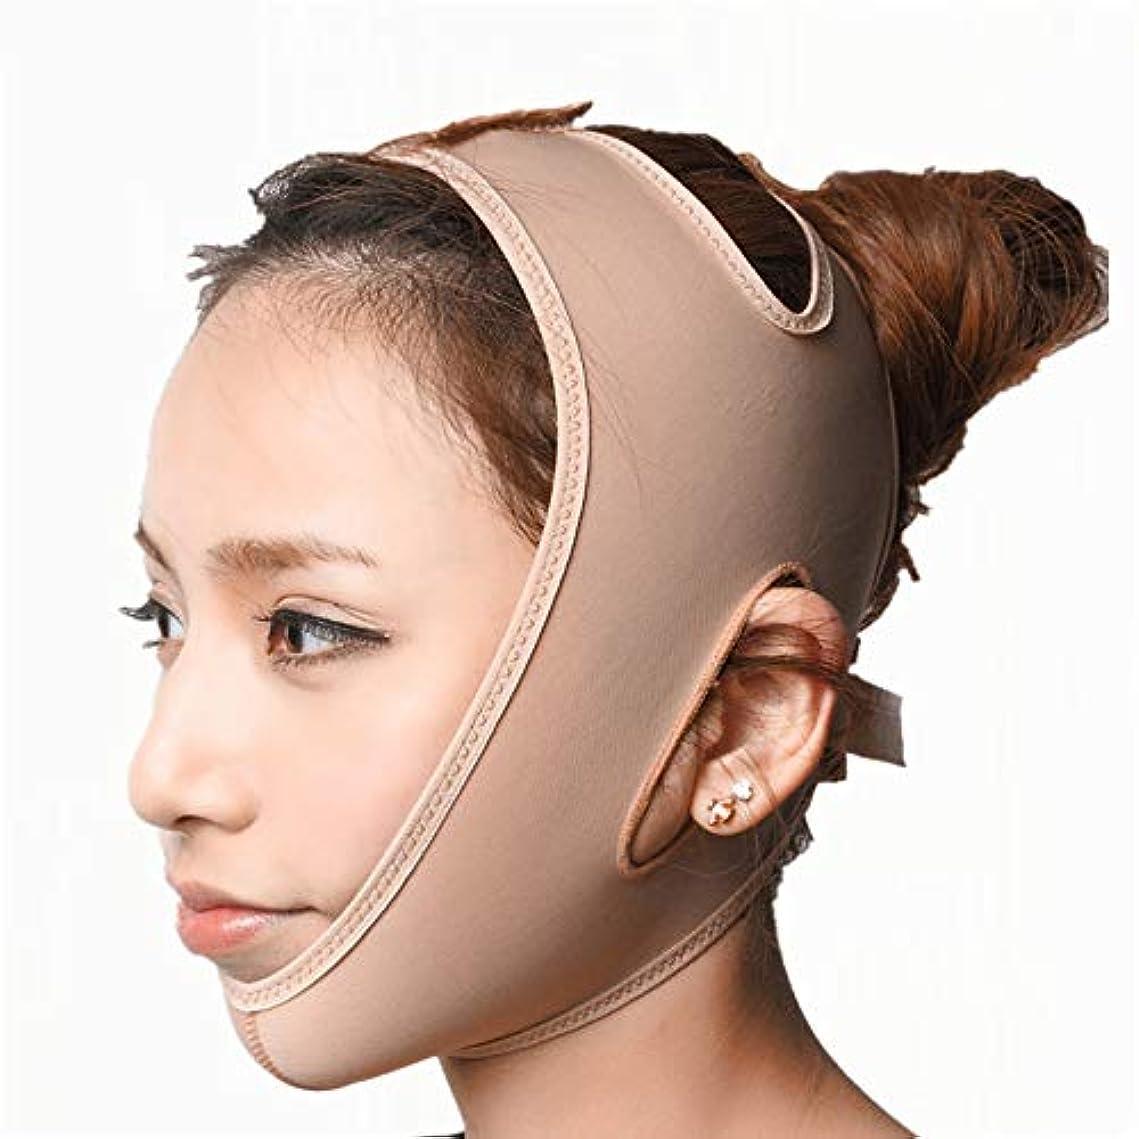 鏡ウミウシアシスタント薄い顔のベルト - 薄い顔のアーチファクトVの顔の包帯マスクの顔のマッサージャー薄いダブルの顎のデバイス